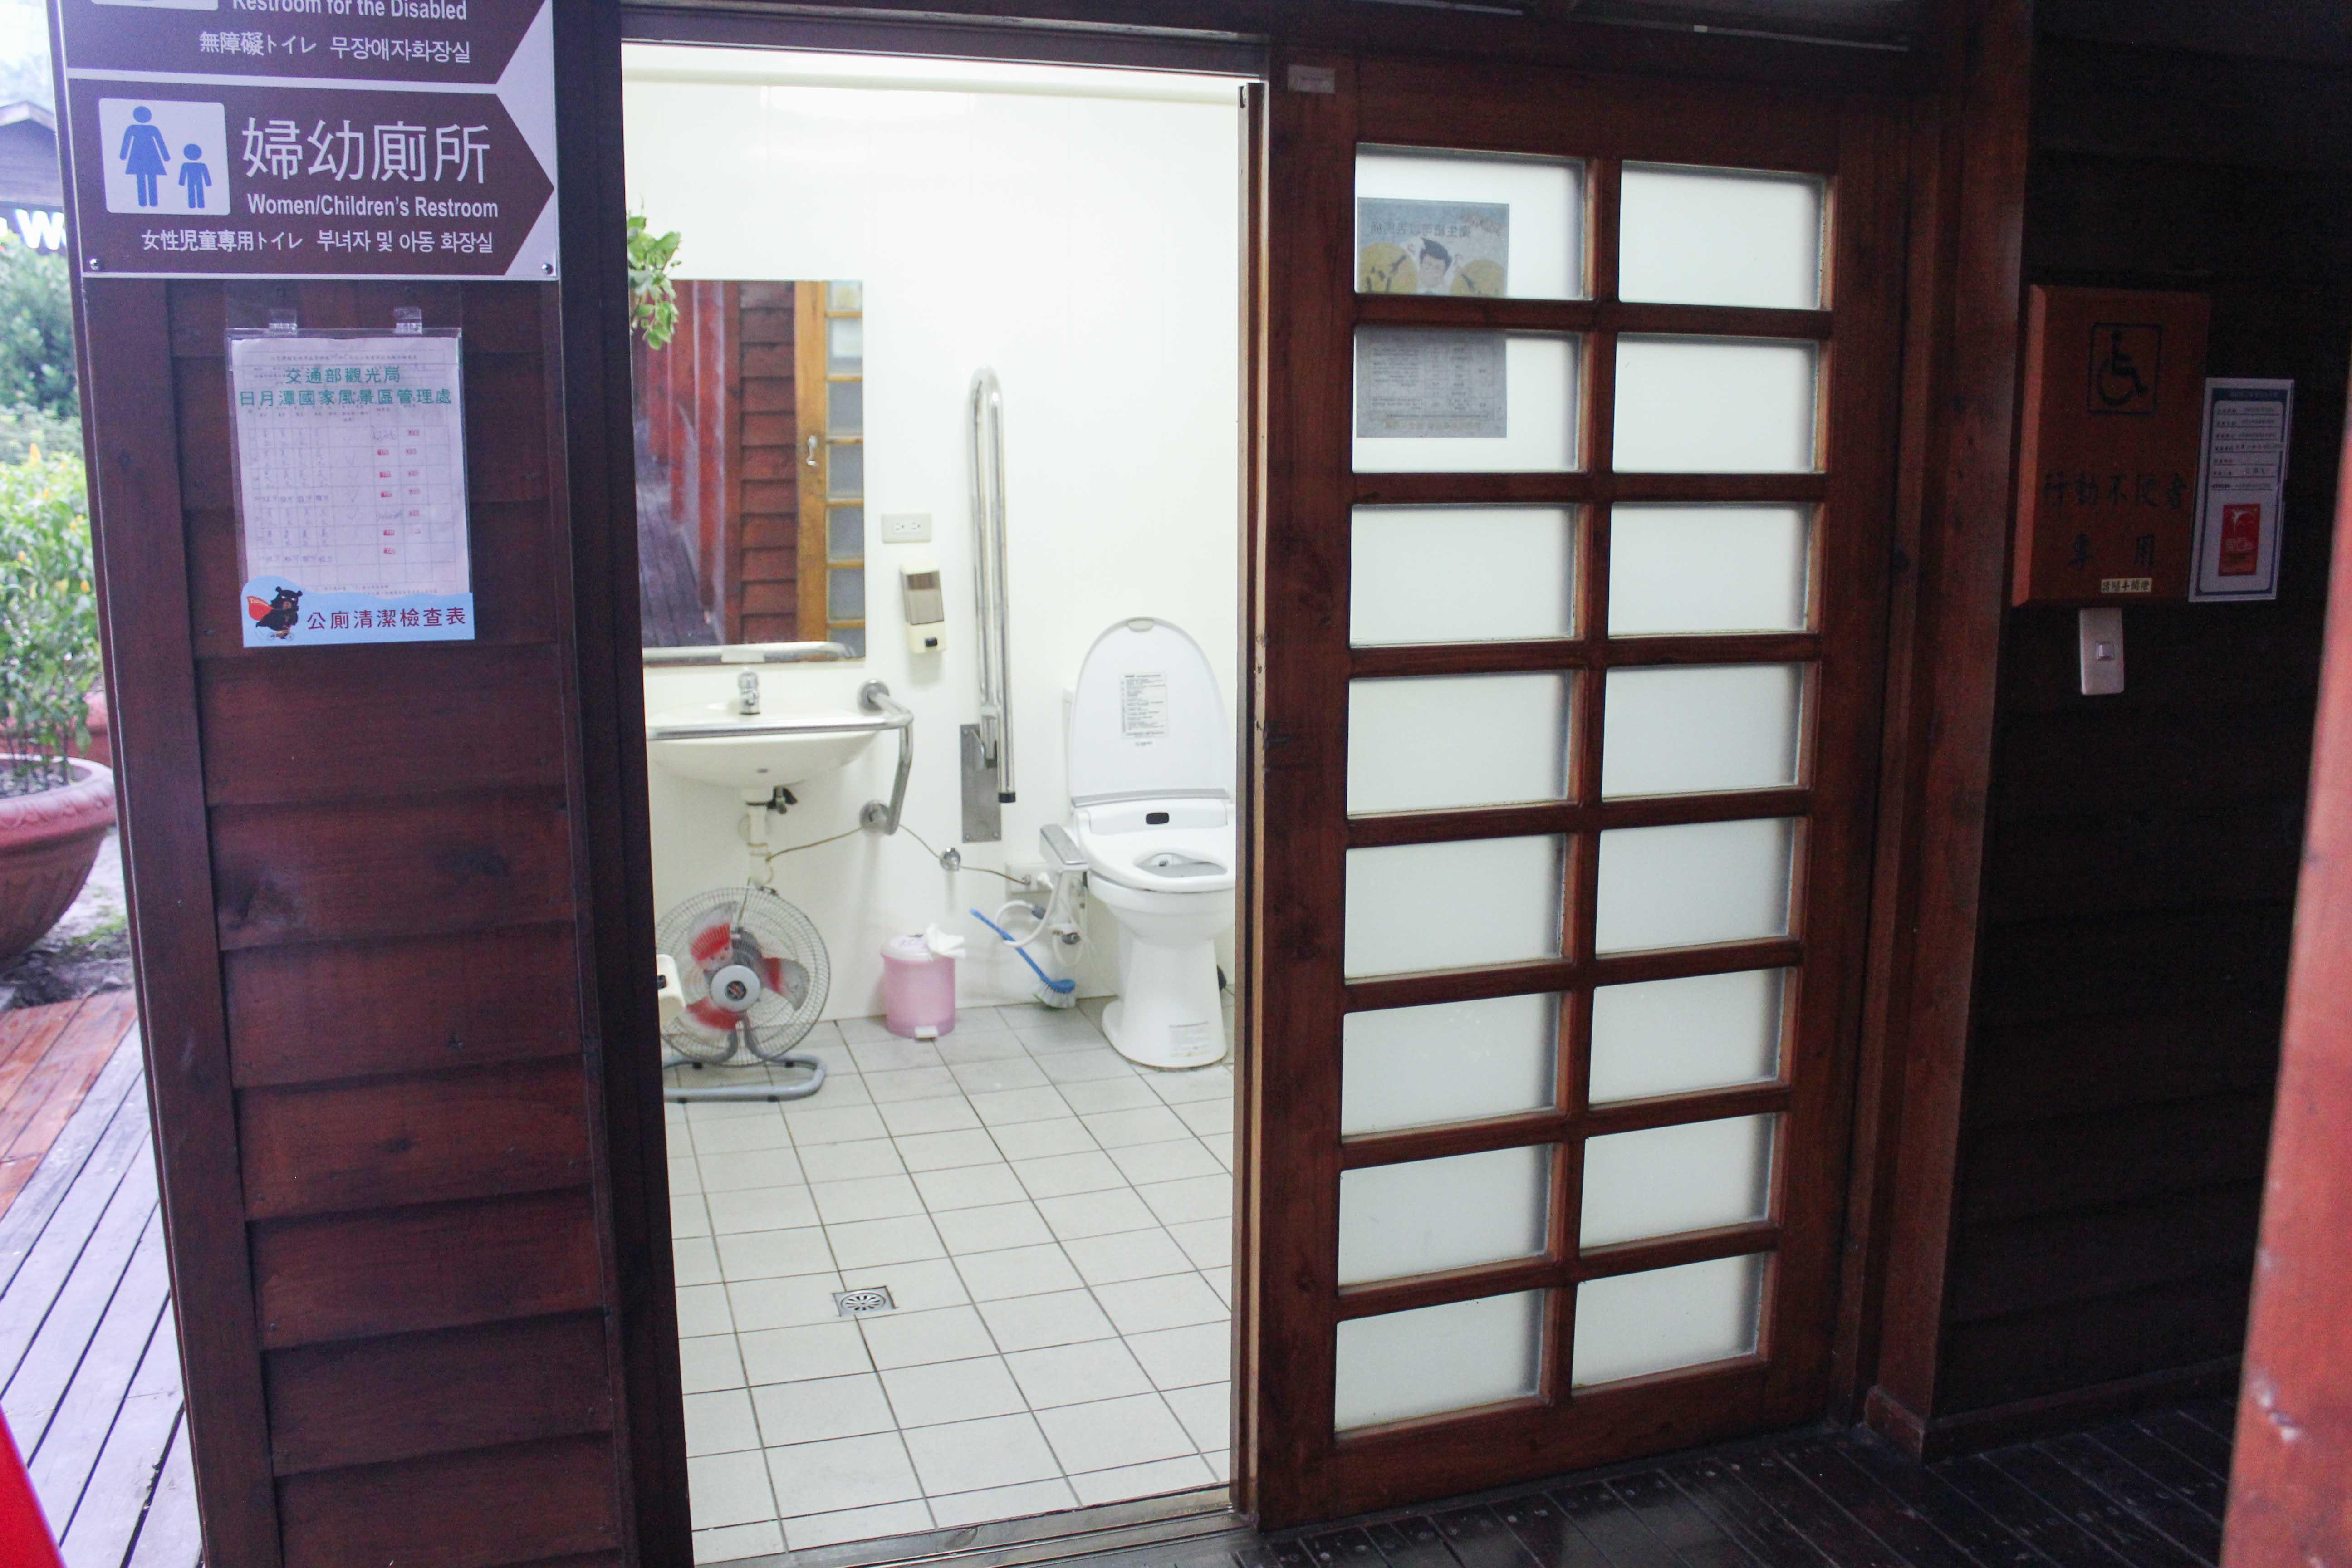 婦幼廁所外觀